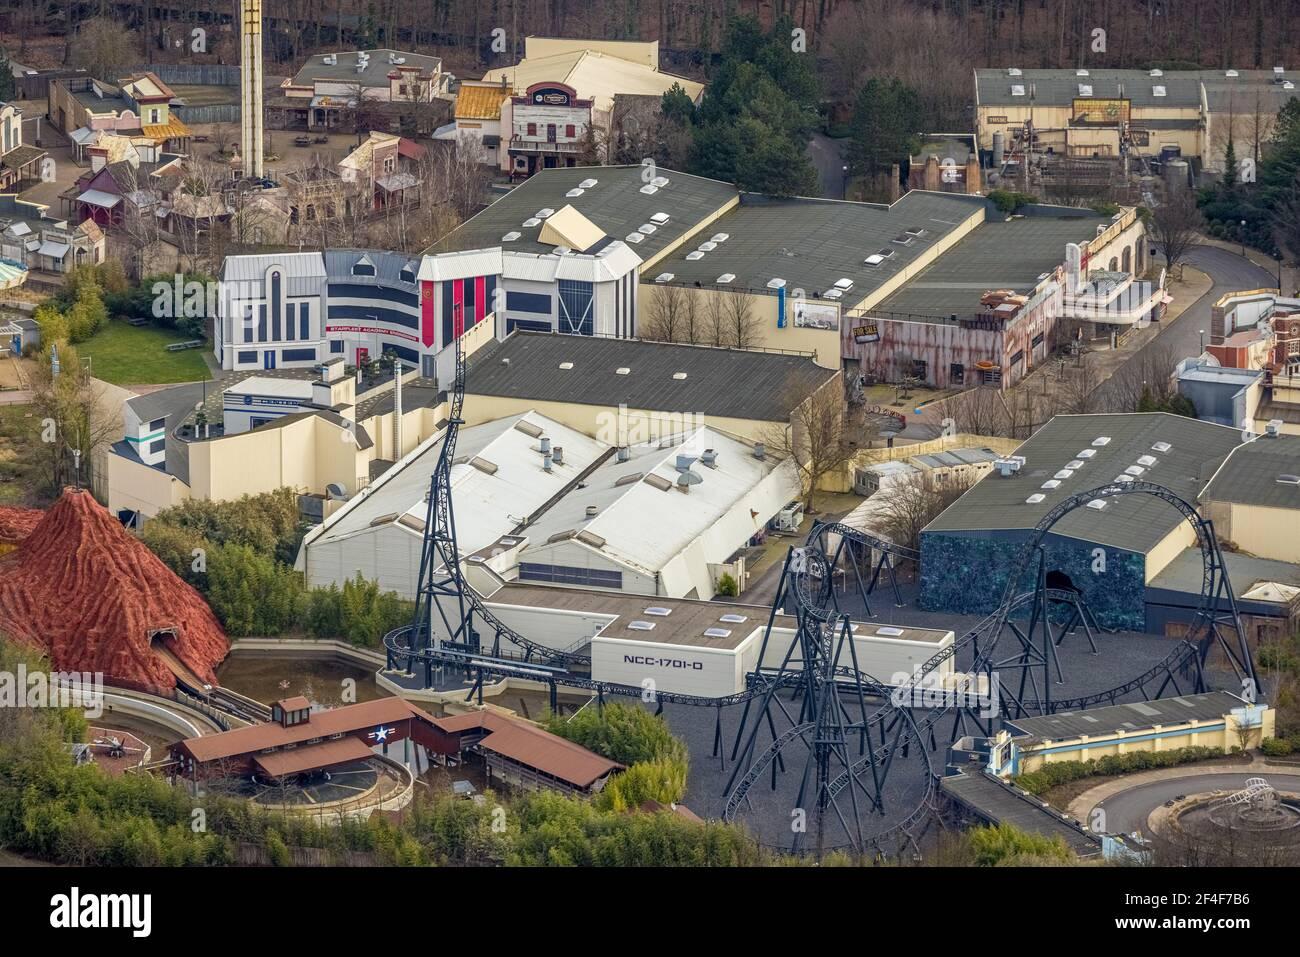 Luftaufnahme, Movie Park Deutschland, Freizeitpark, Bottrop-Kirchhellen, Ruhrgebiet, Nordrhein-Westfalen, Deutschland, DE, Europa, Luftaufnahmen, aeri Stockfoto